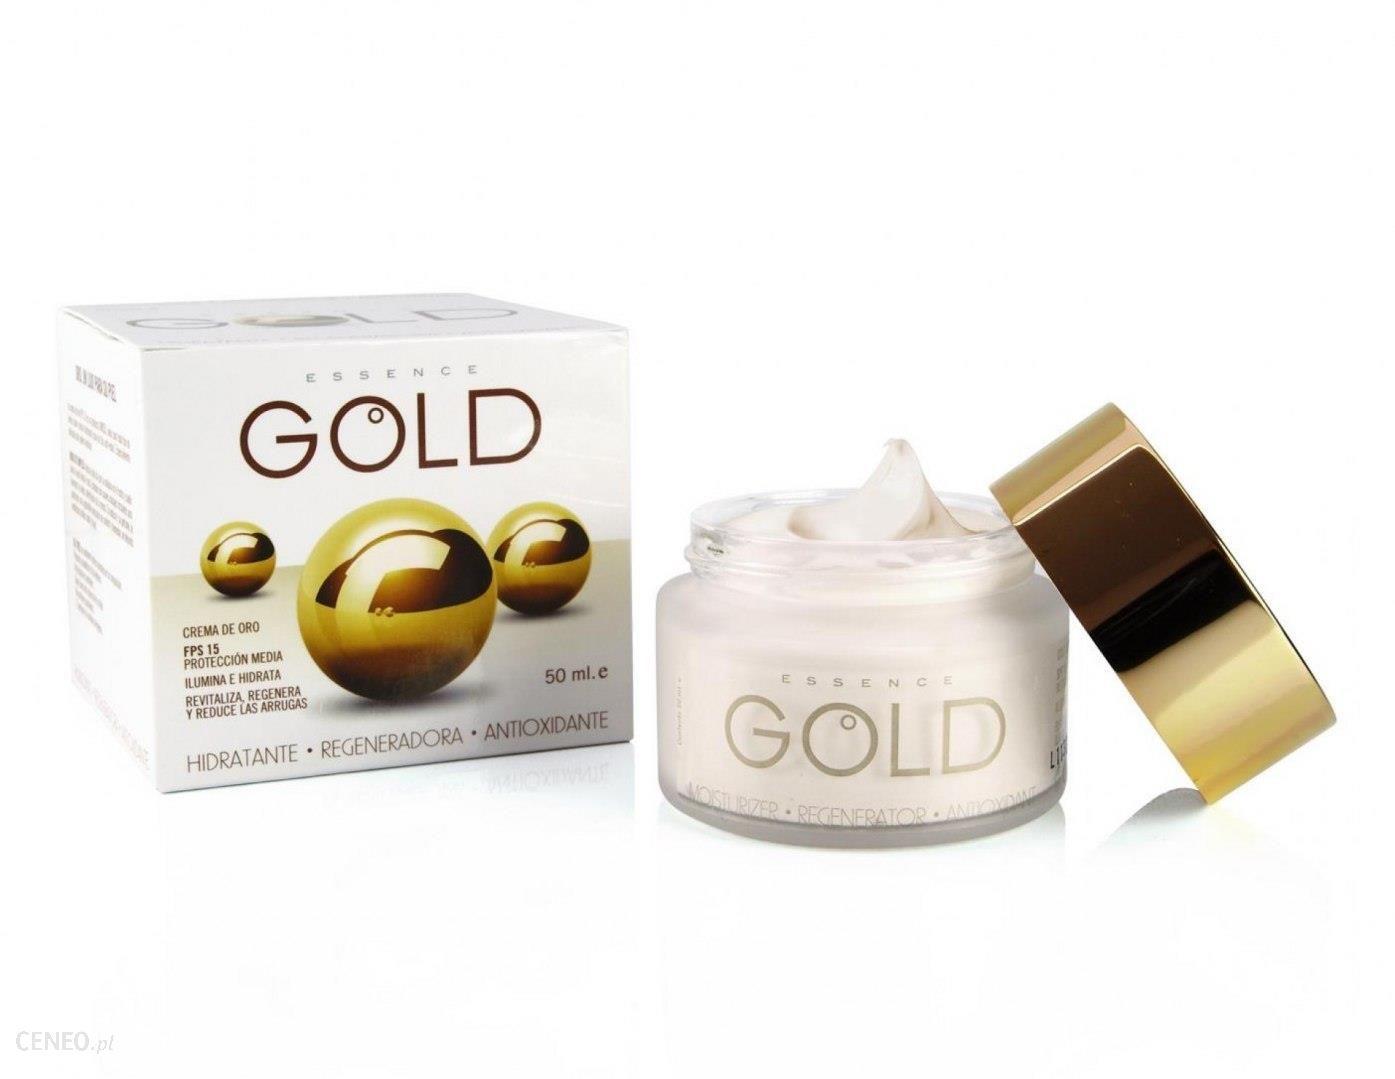 Diet Esthetic Gold Essence krem do twarzy ze złotem 50ml